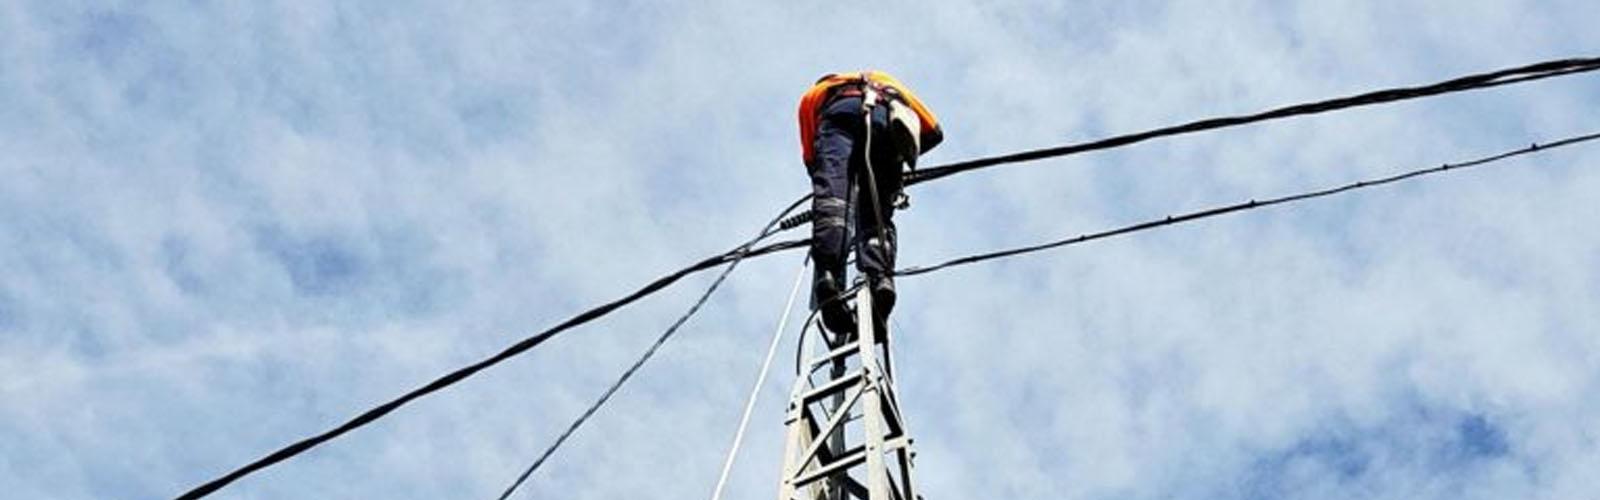 Mantenimiento Y Aplicaciones De Electricidad S.L.